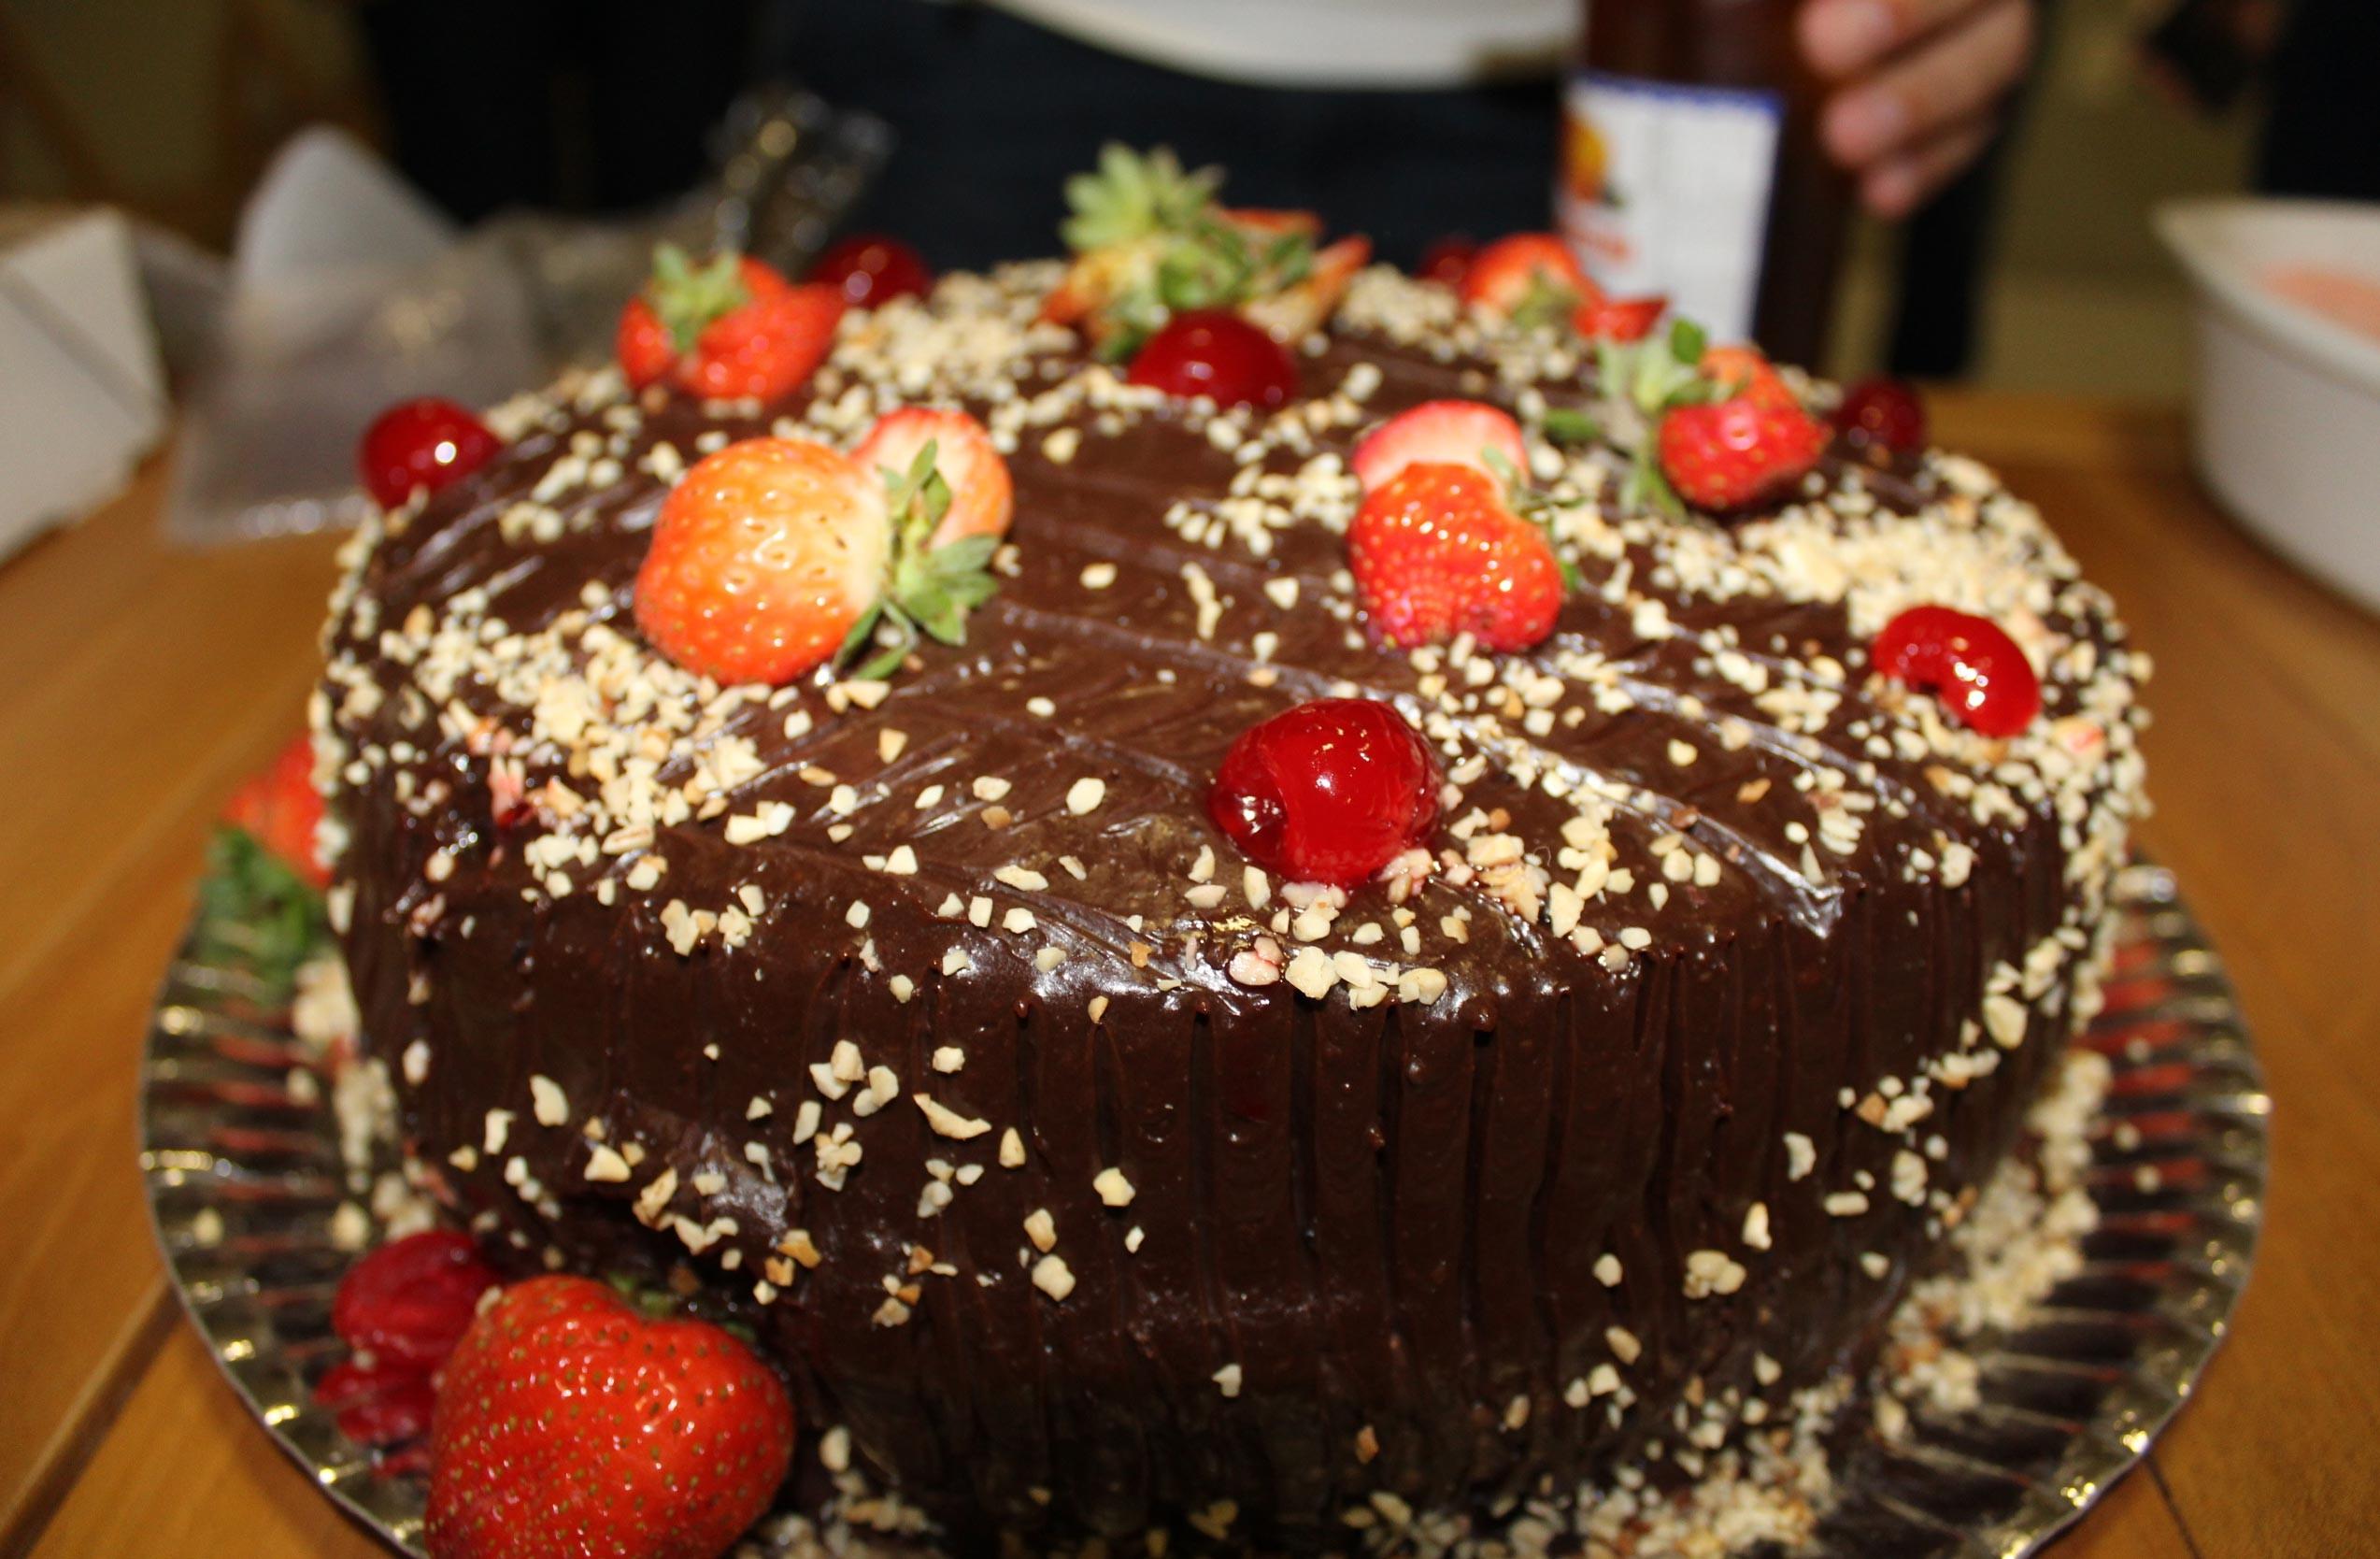 Equipe do Programão surpreendeu a colega com festinha surpresa, bolo, doces e salgados. (Foto: Katylenin França/TV Clube)